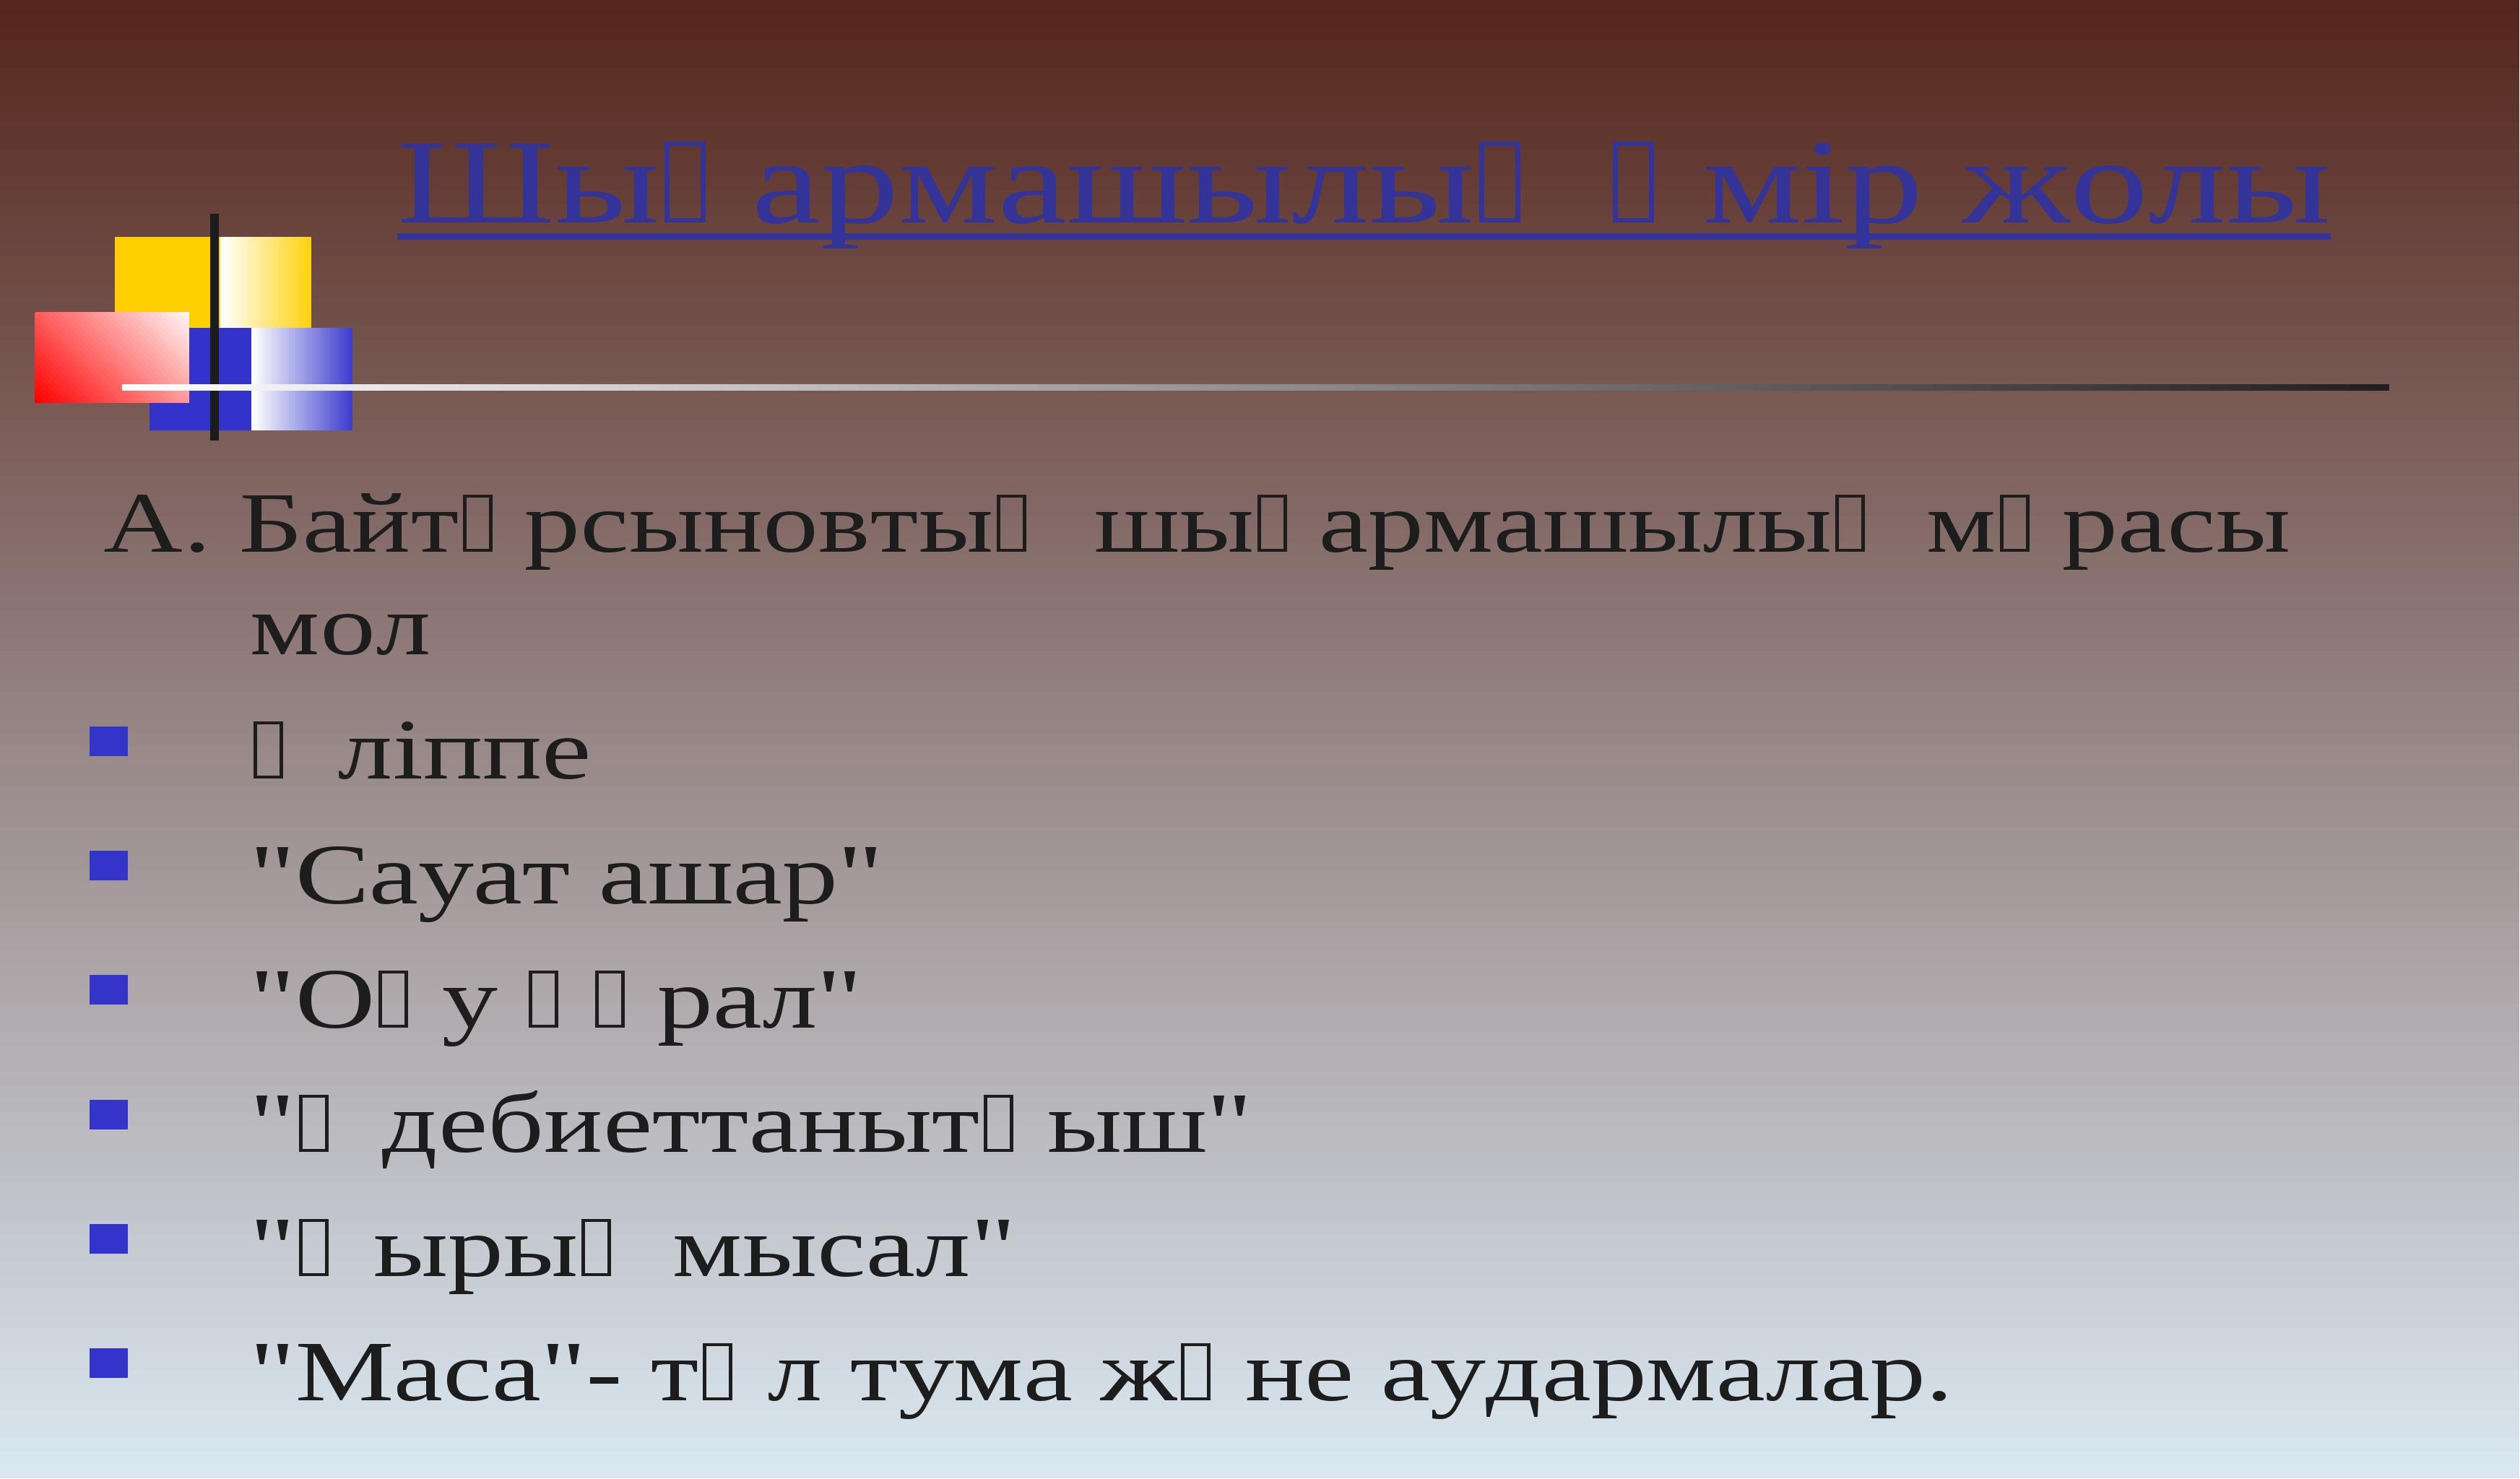 """Шығармашылық өмір жолы А. Байтұрсыновтың шығармашылық мұрасы мол Әліппе """"Сауа..."""